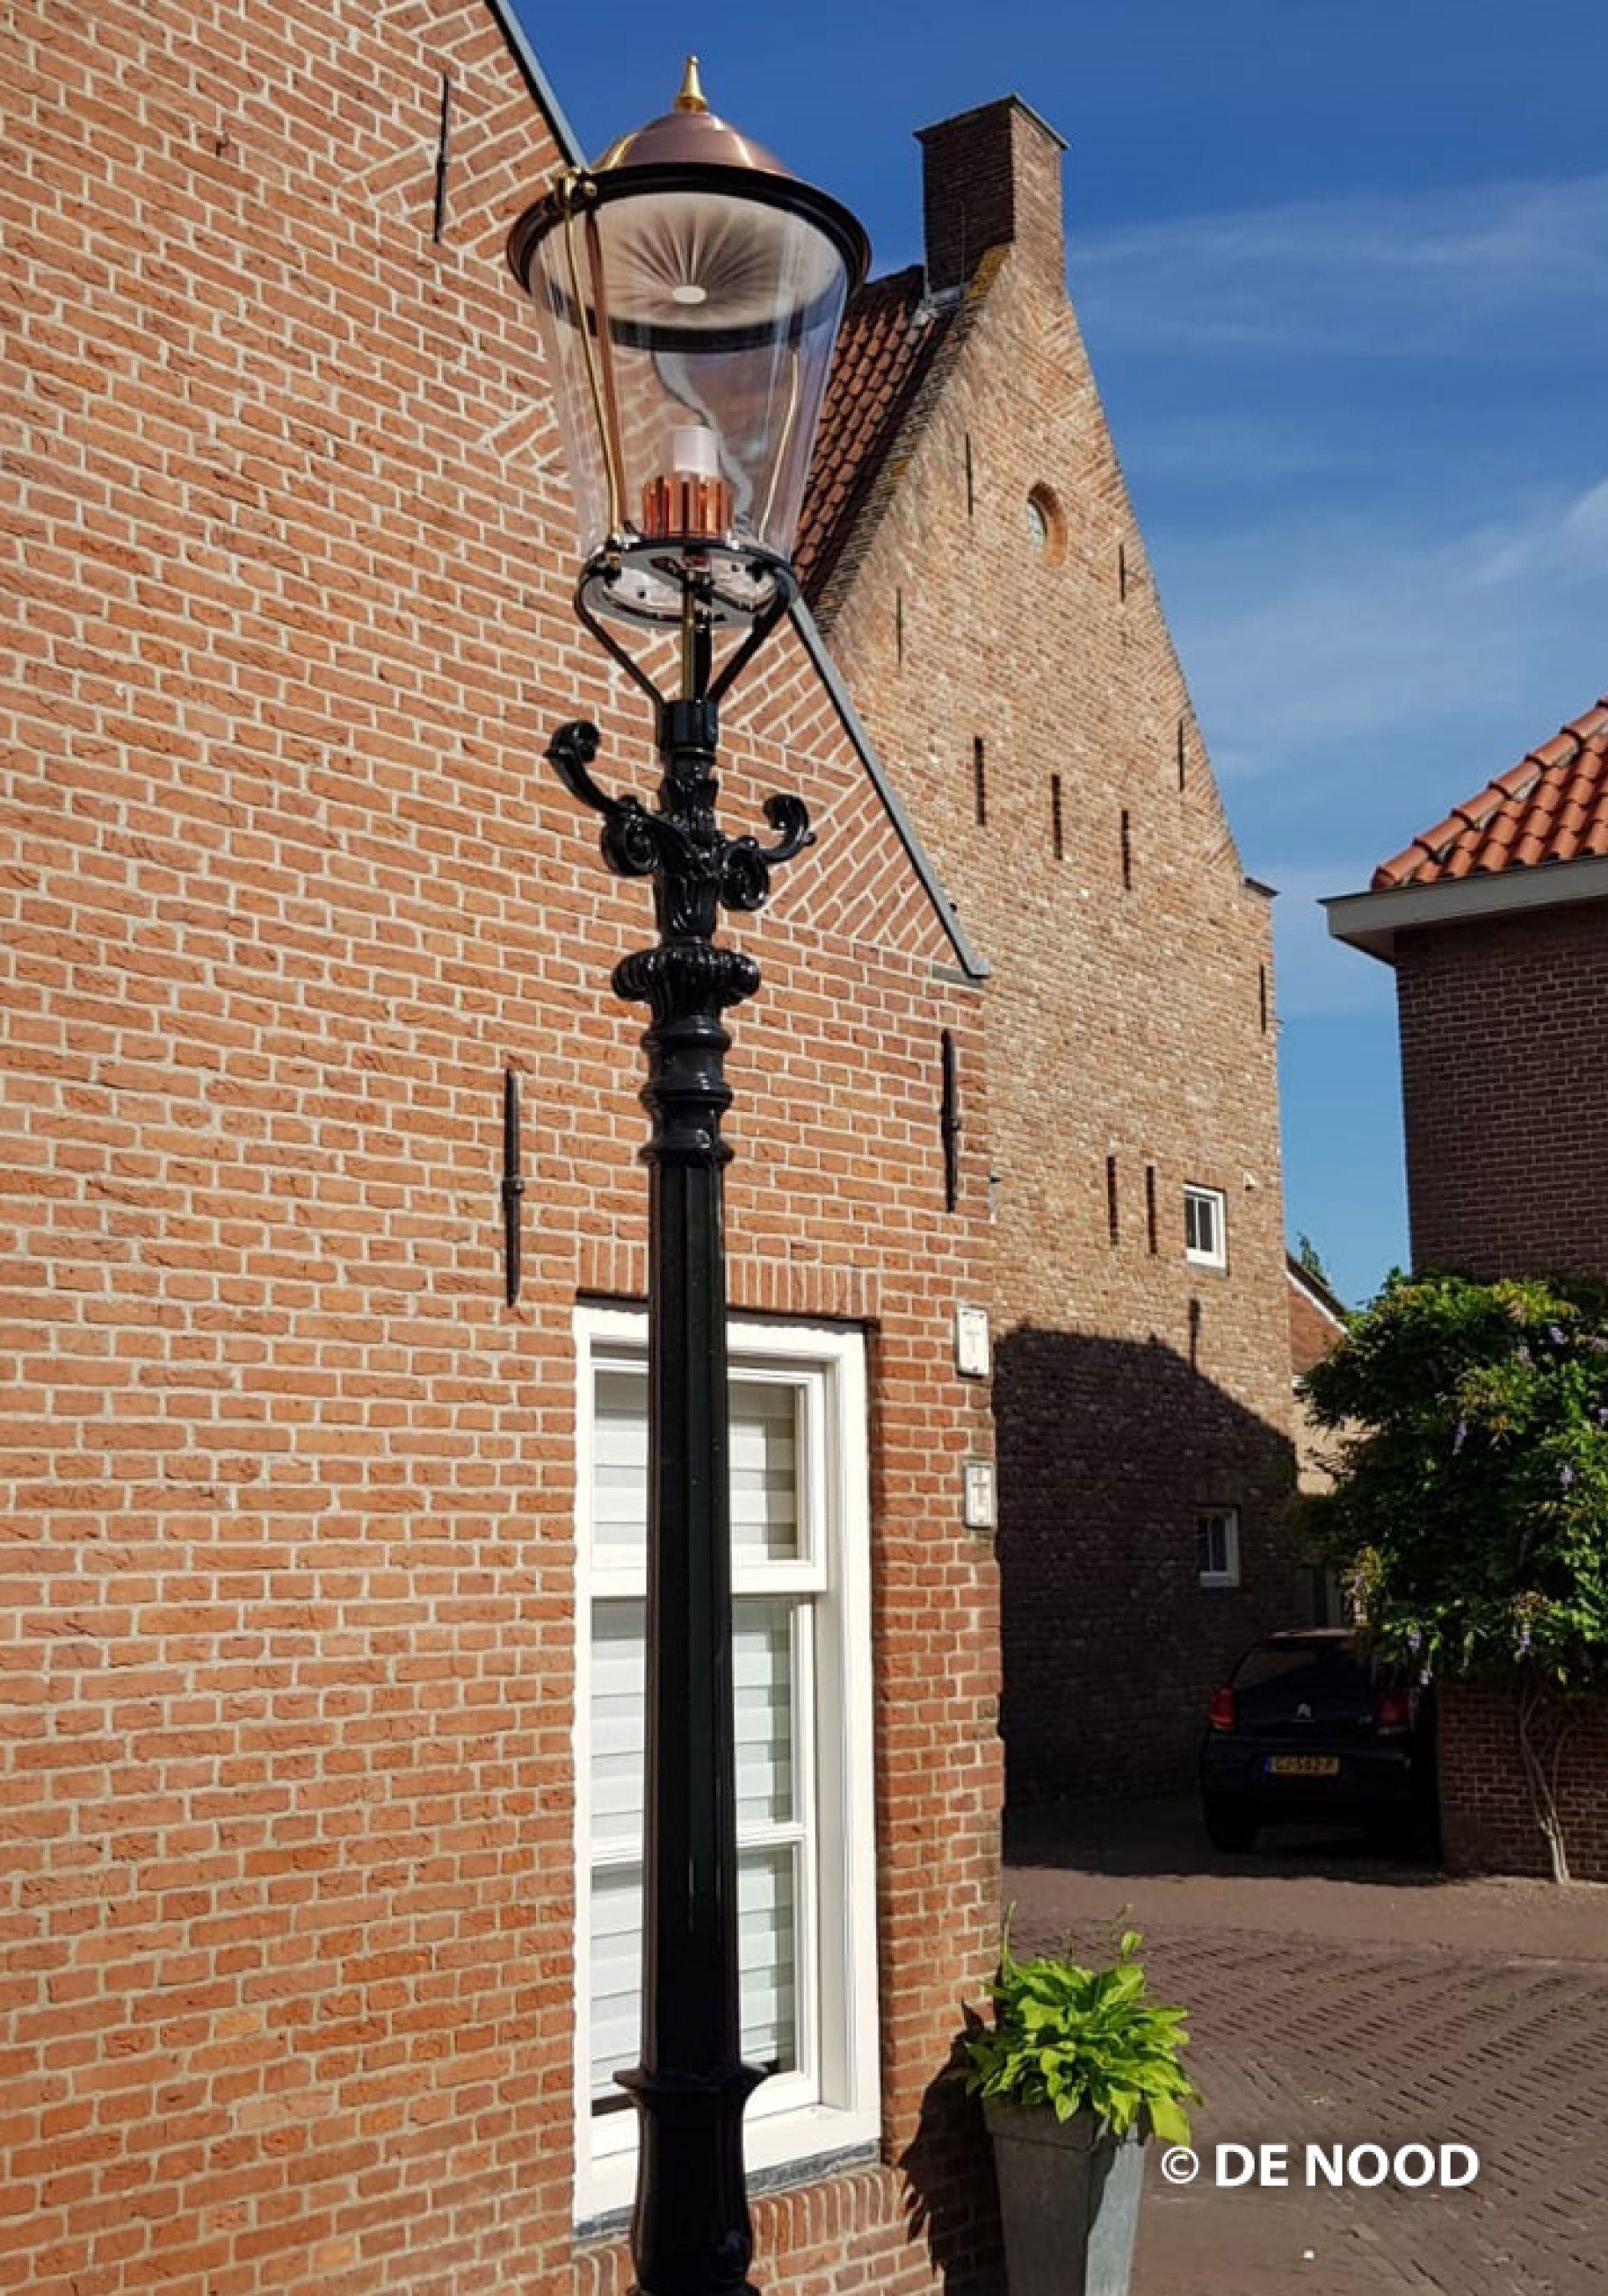 Vervanging lantaarnpalen Langestraat Delden van start